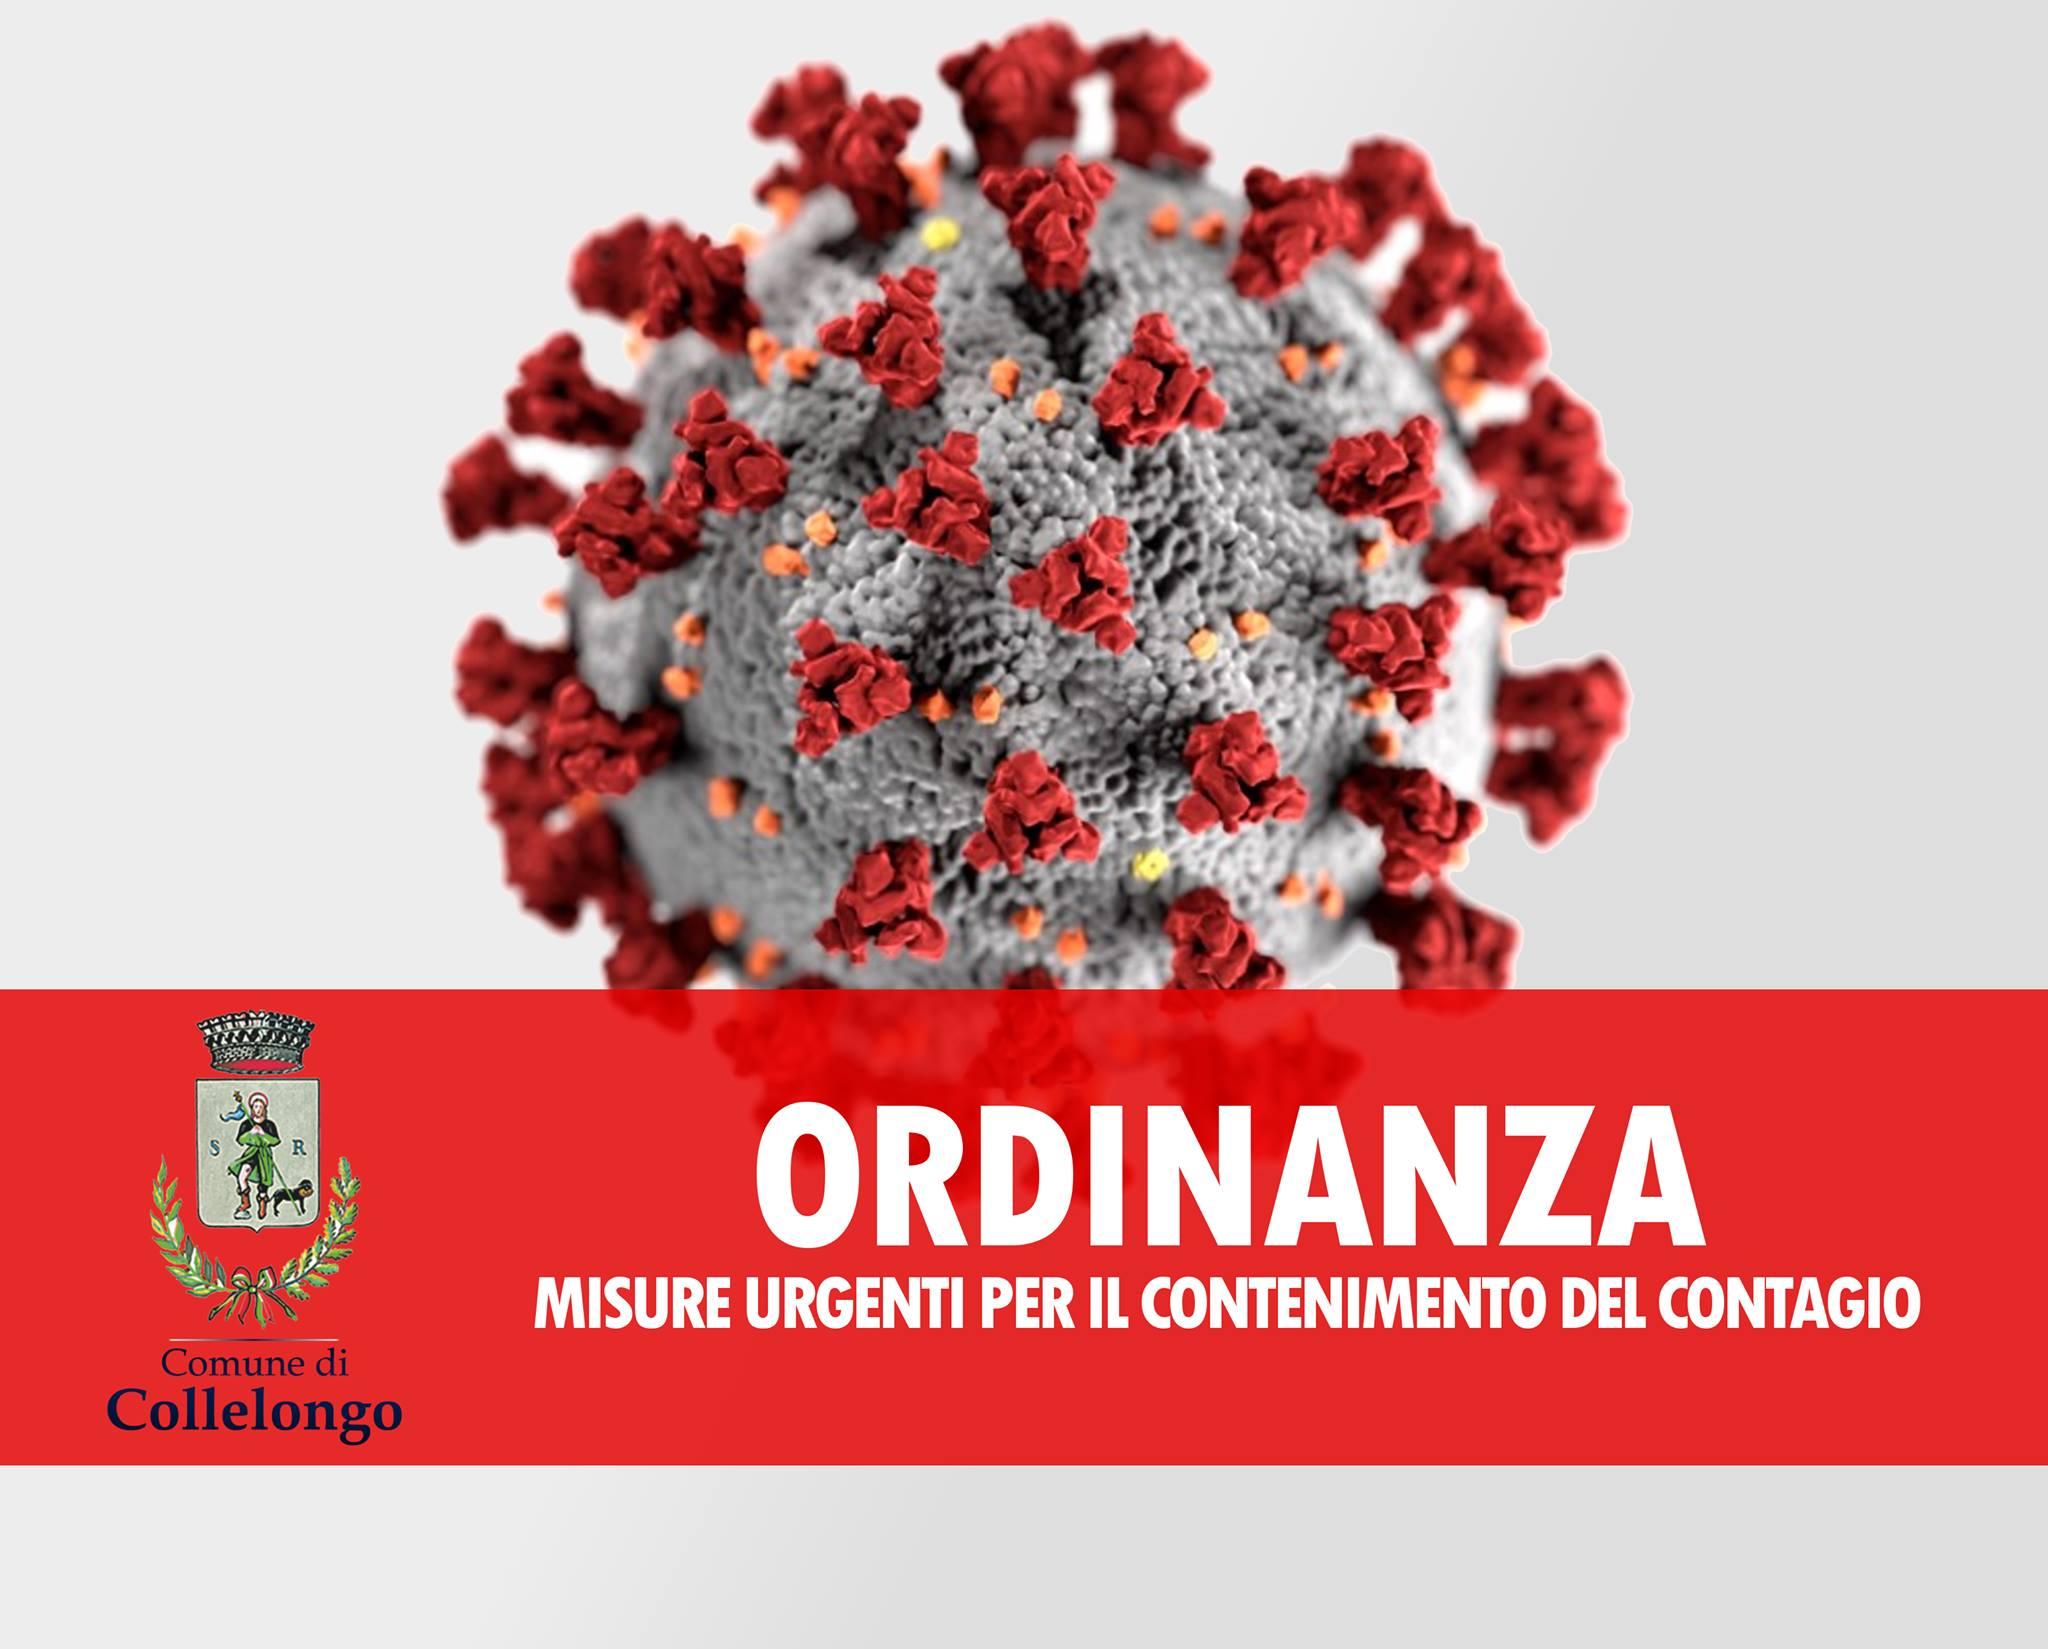 Il comune di Collelongo ordina ulteriori misure urgenti per fronteggiare l'emergenza epidemiologica da COVID-19